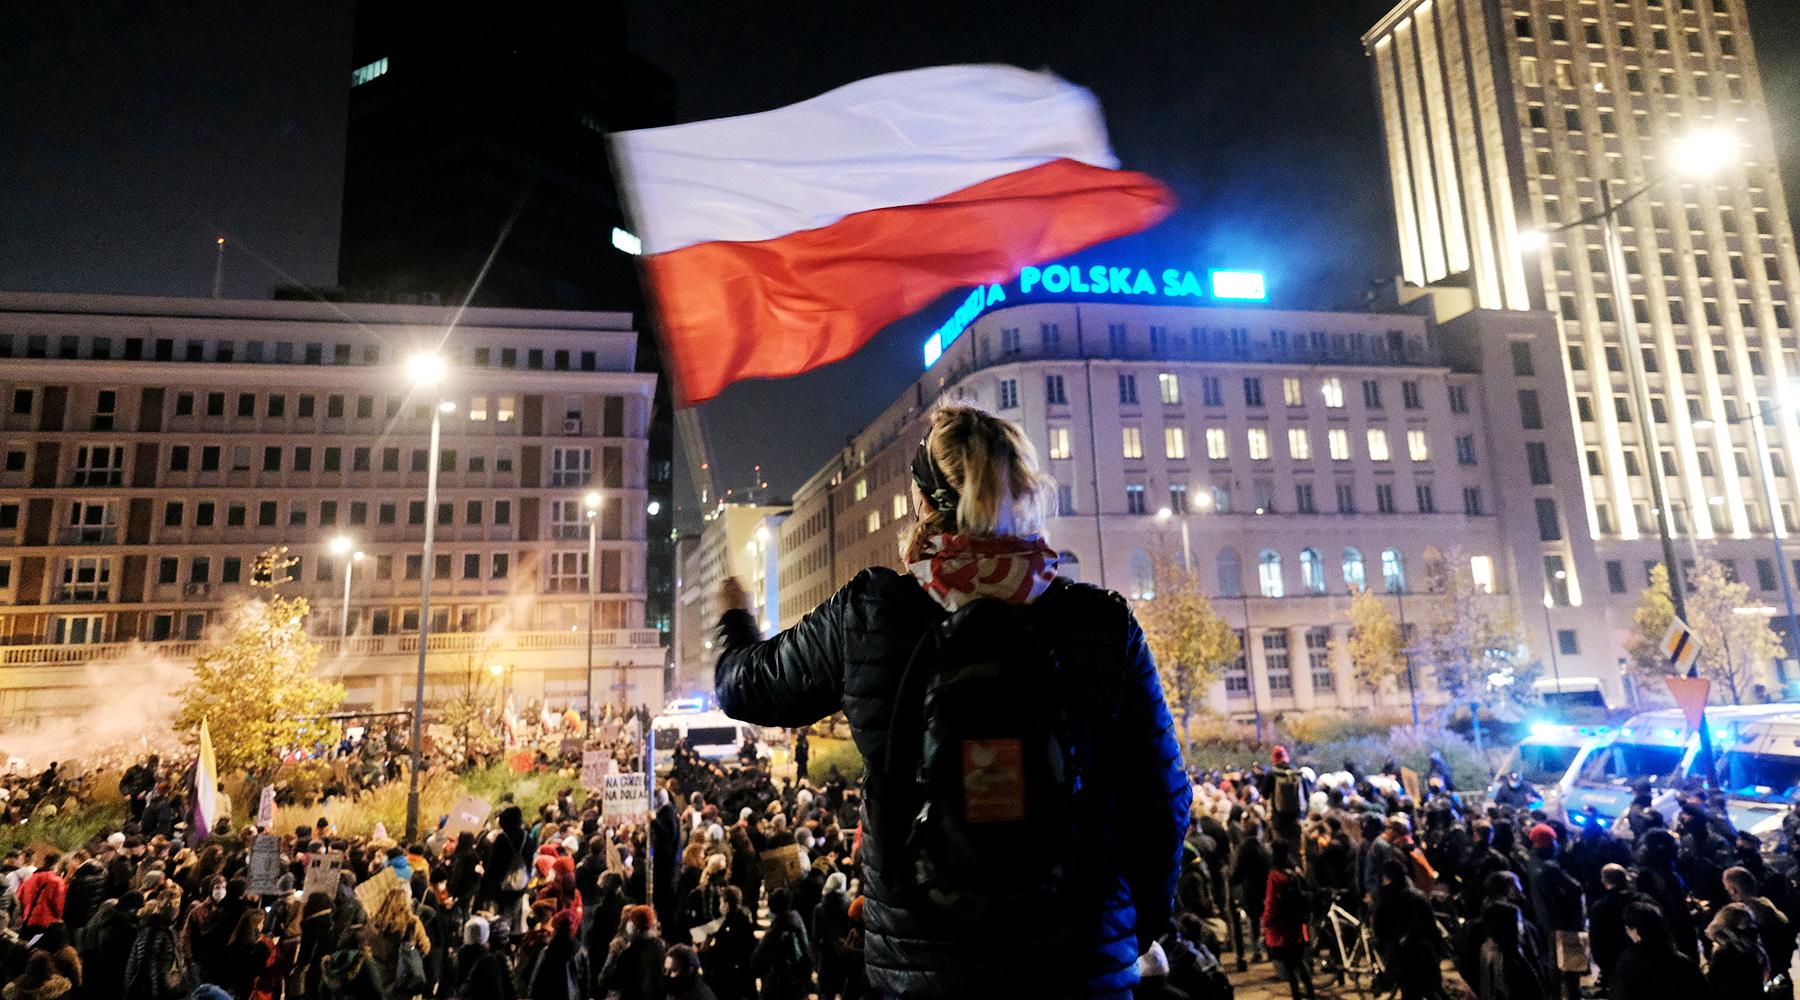 «Экономическая колонизация»: почему в Польше заговорили об угрозе распада Евросоюза